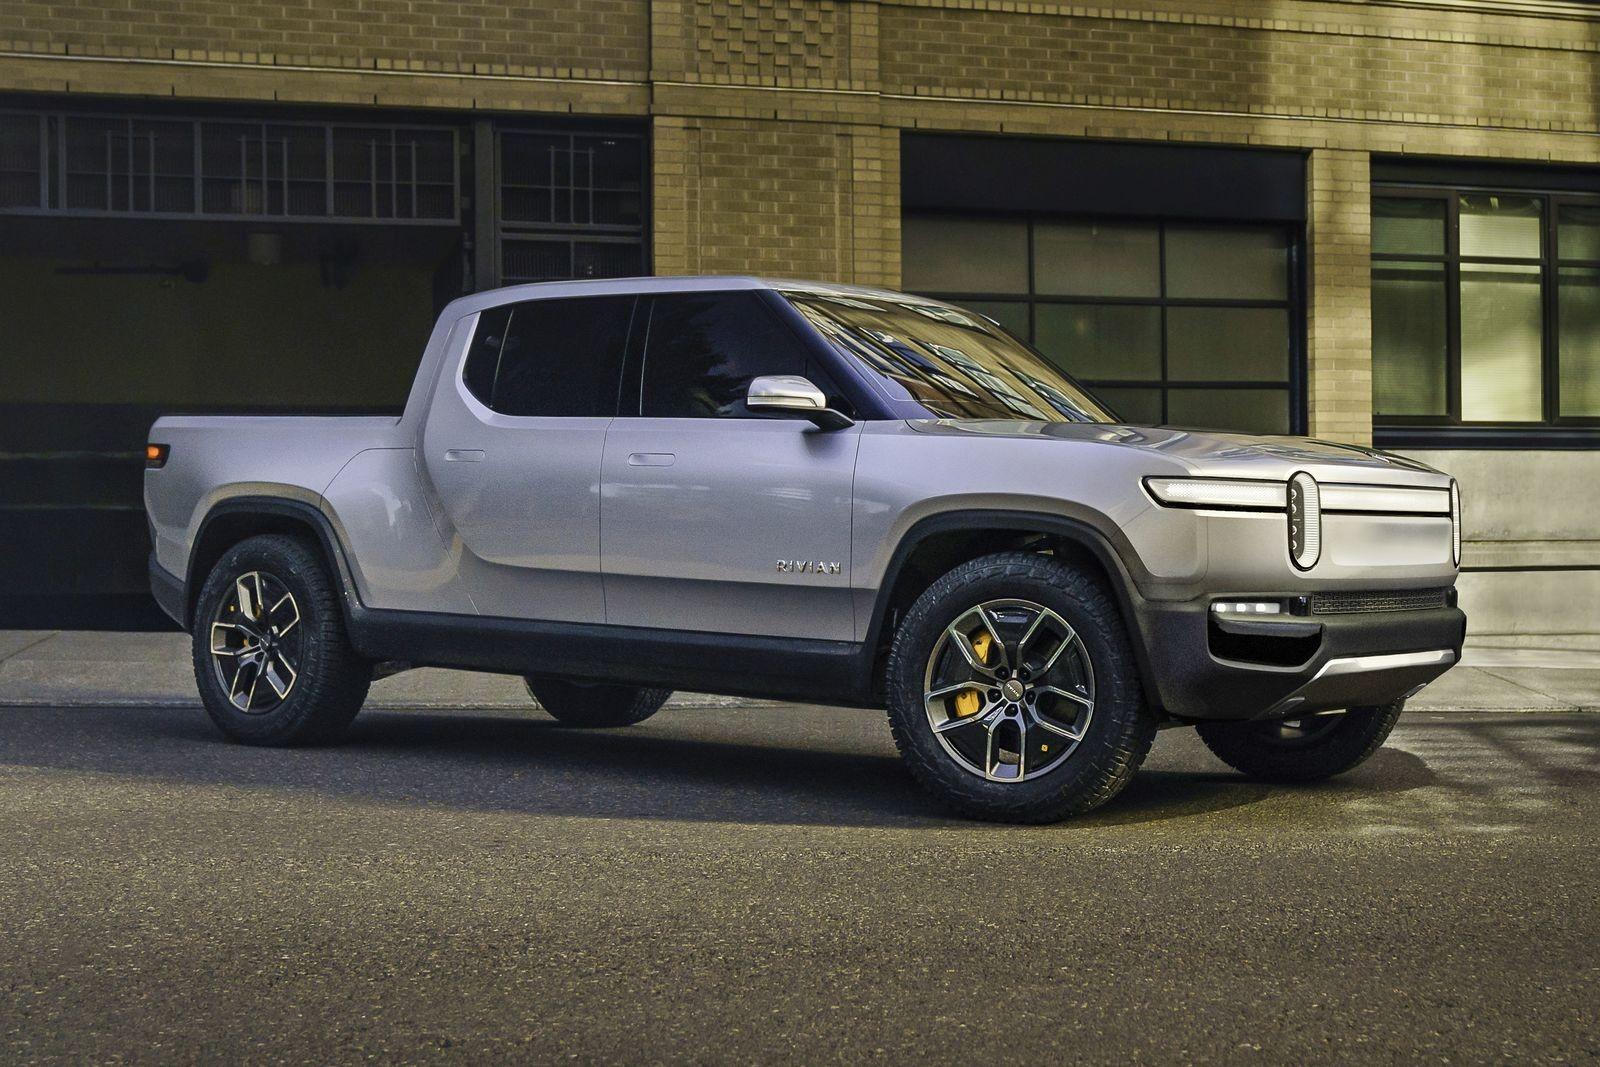 Электрический пикап Rivian R1T, способный проехать на одной зарядке 640 км, появится на рынке в конце 2020 года. Успеет ли к тому времени Ford предложить свою альтернативу?